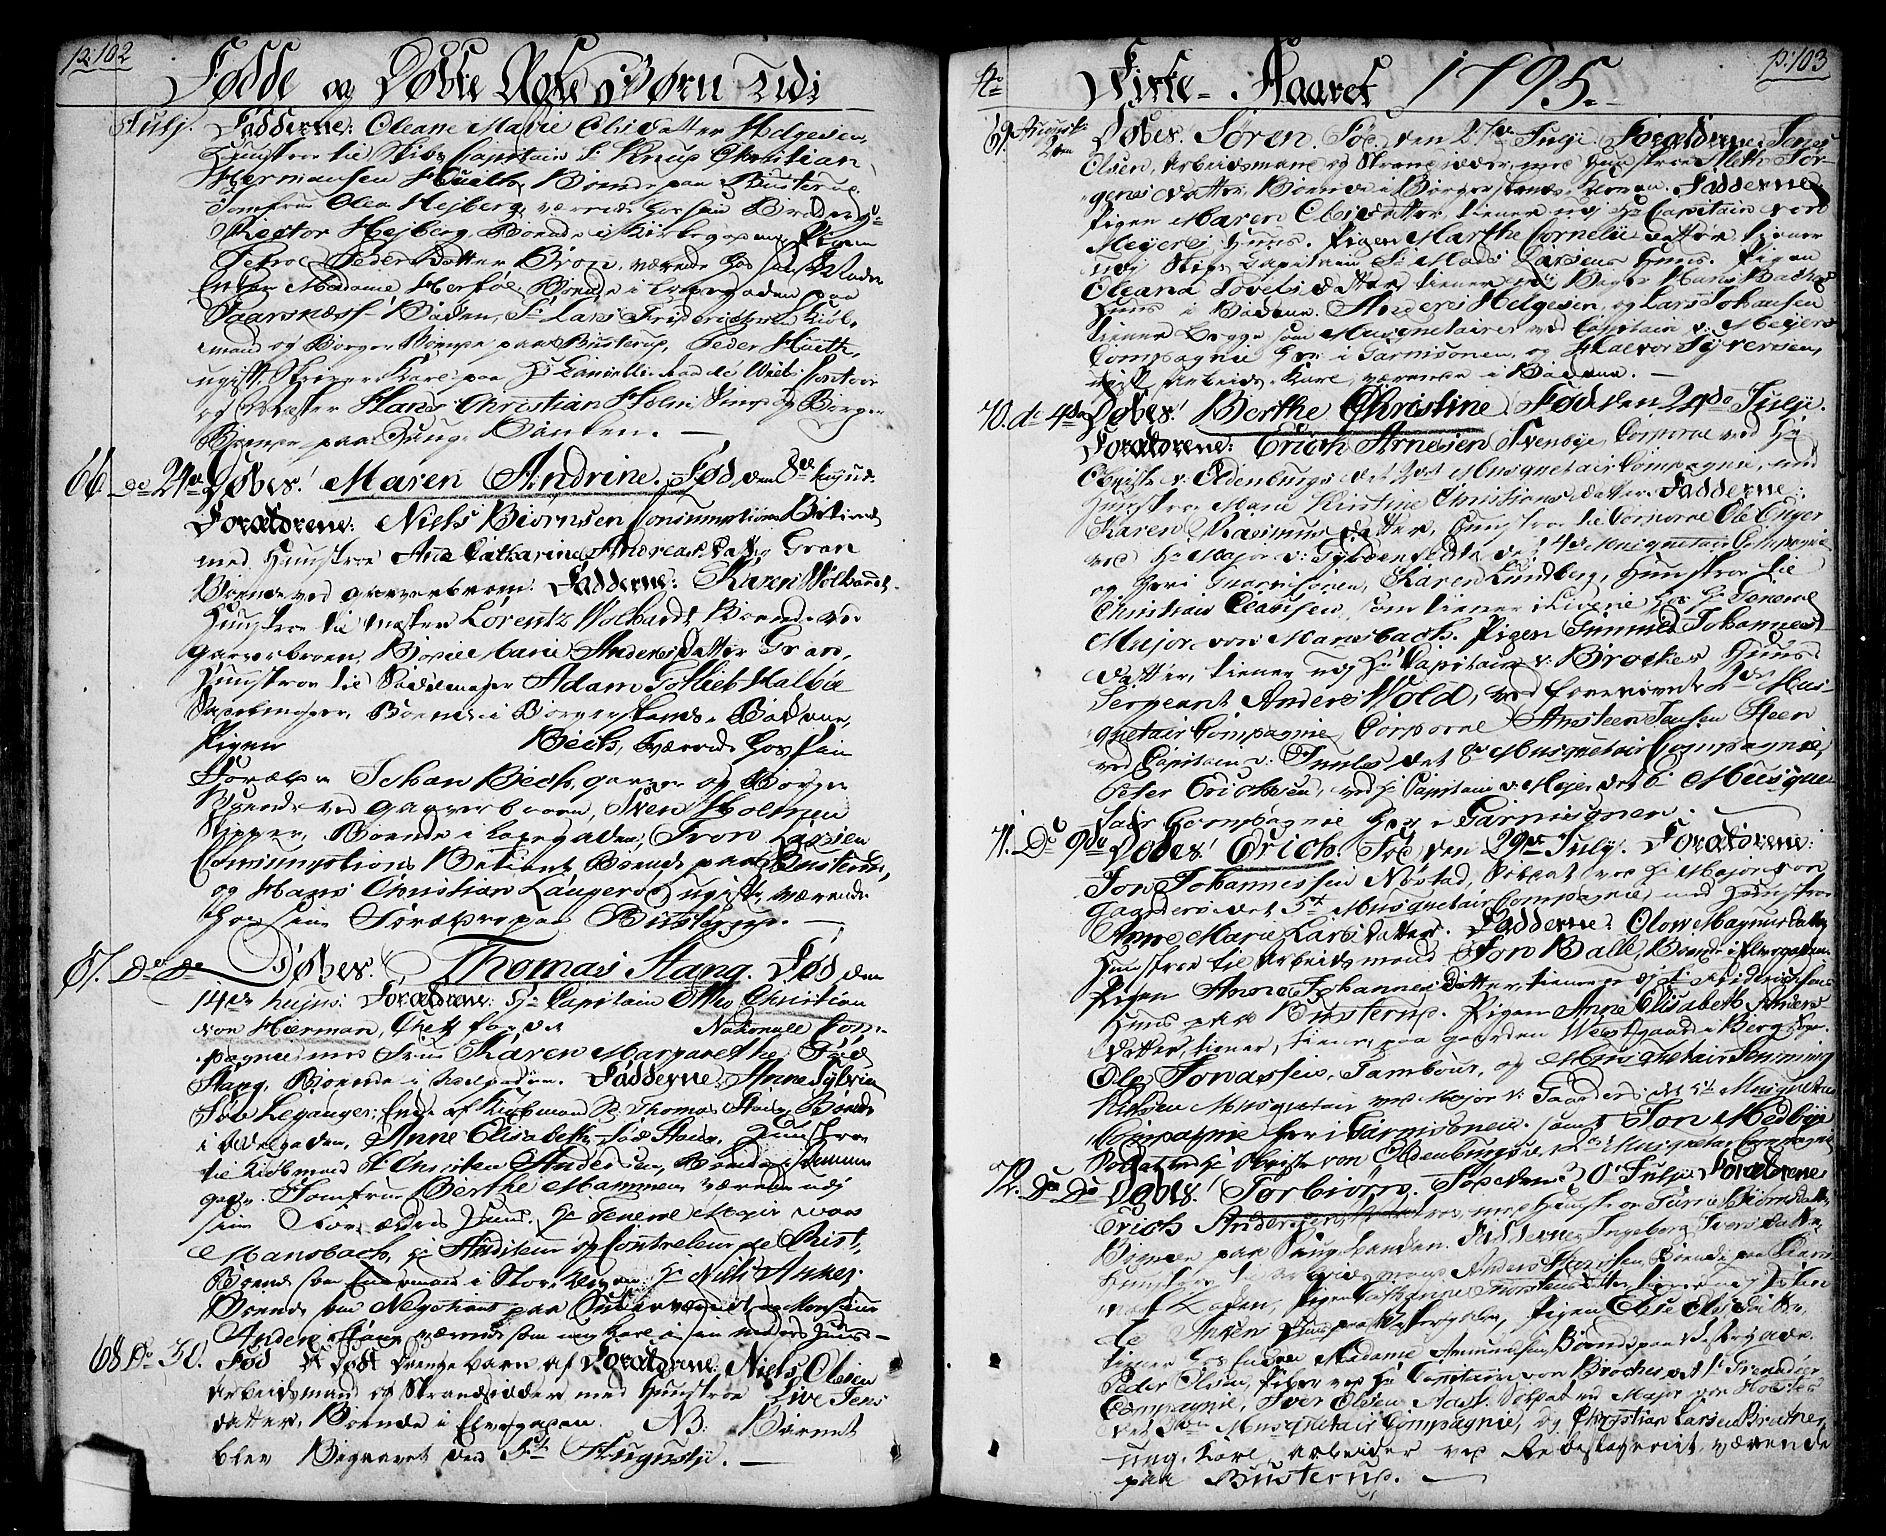 SAO, Halden prestekontor Kirkebøker, F/Fa/L0002: Ministerialbok nr. I 2, 1792-1812, s. 102-103